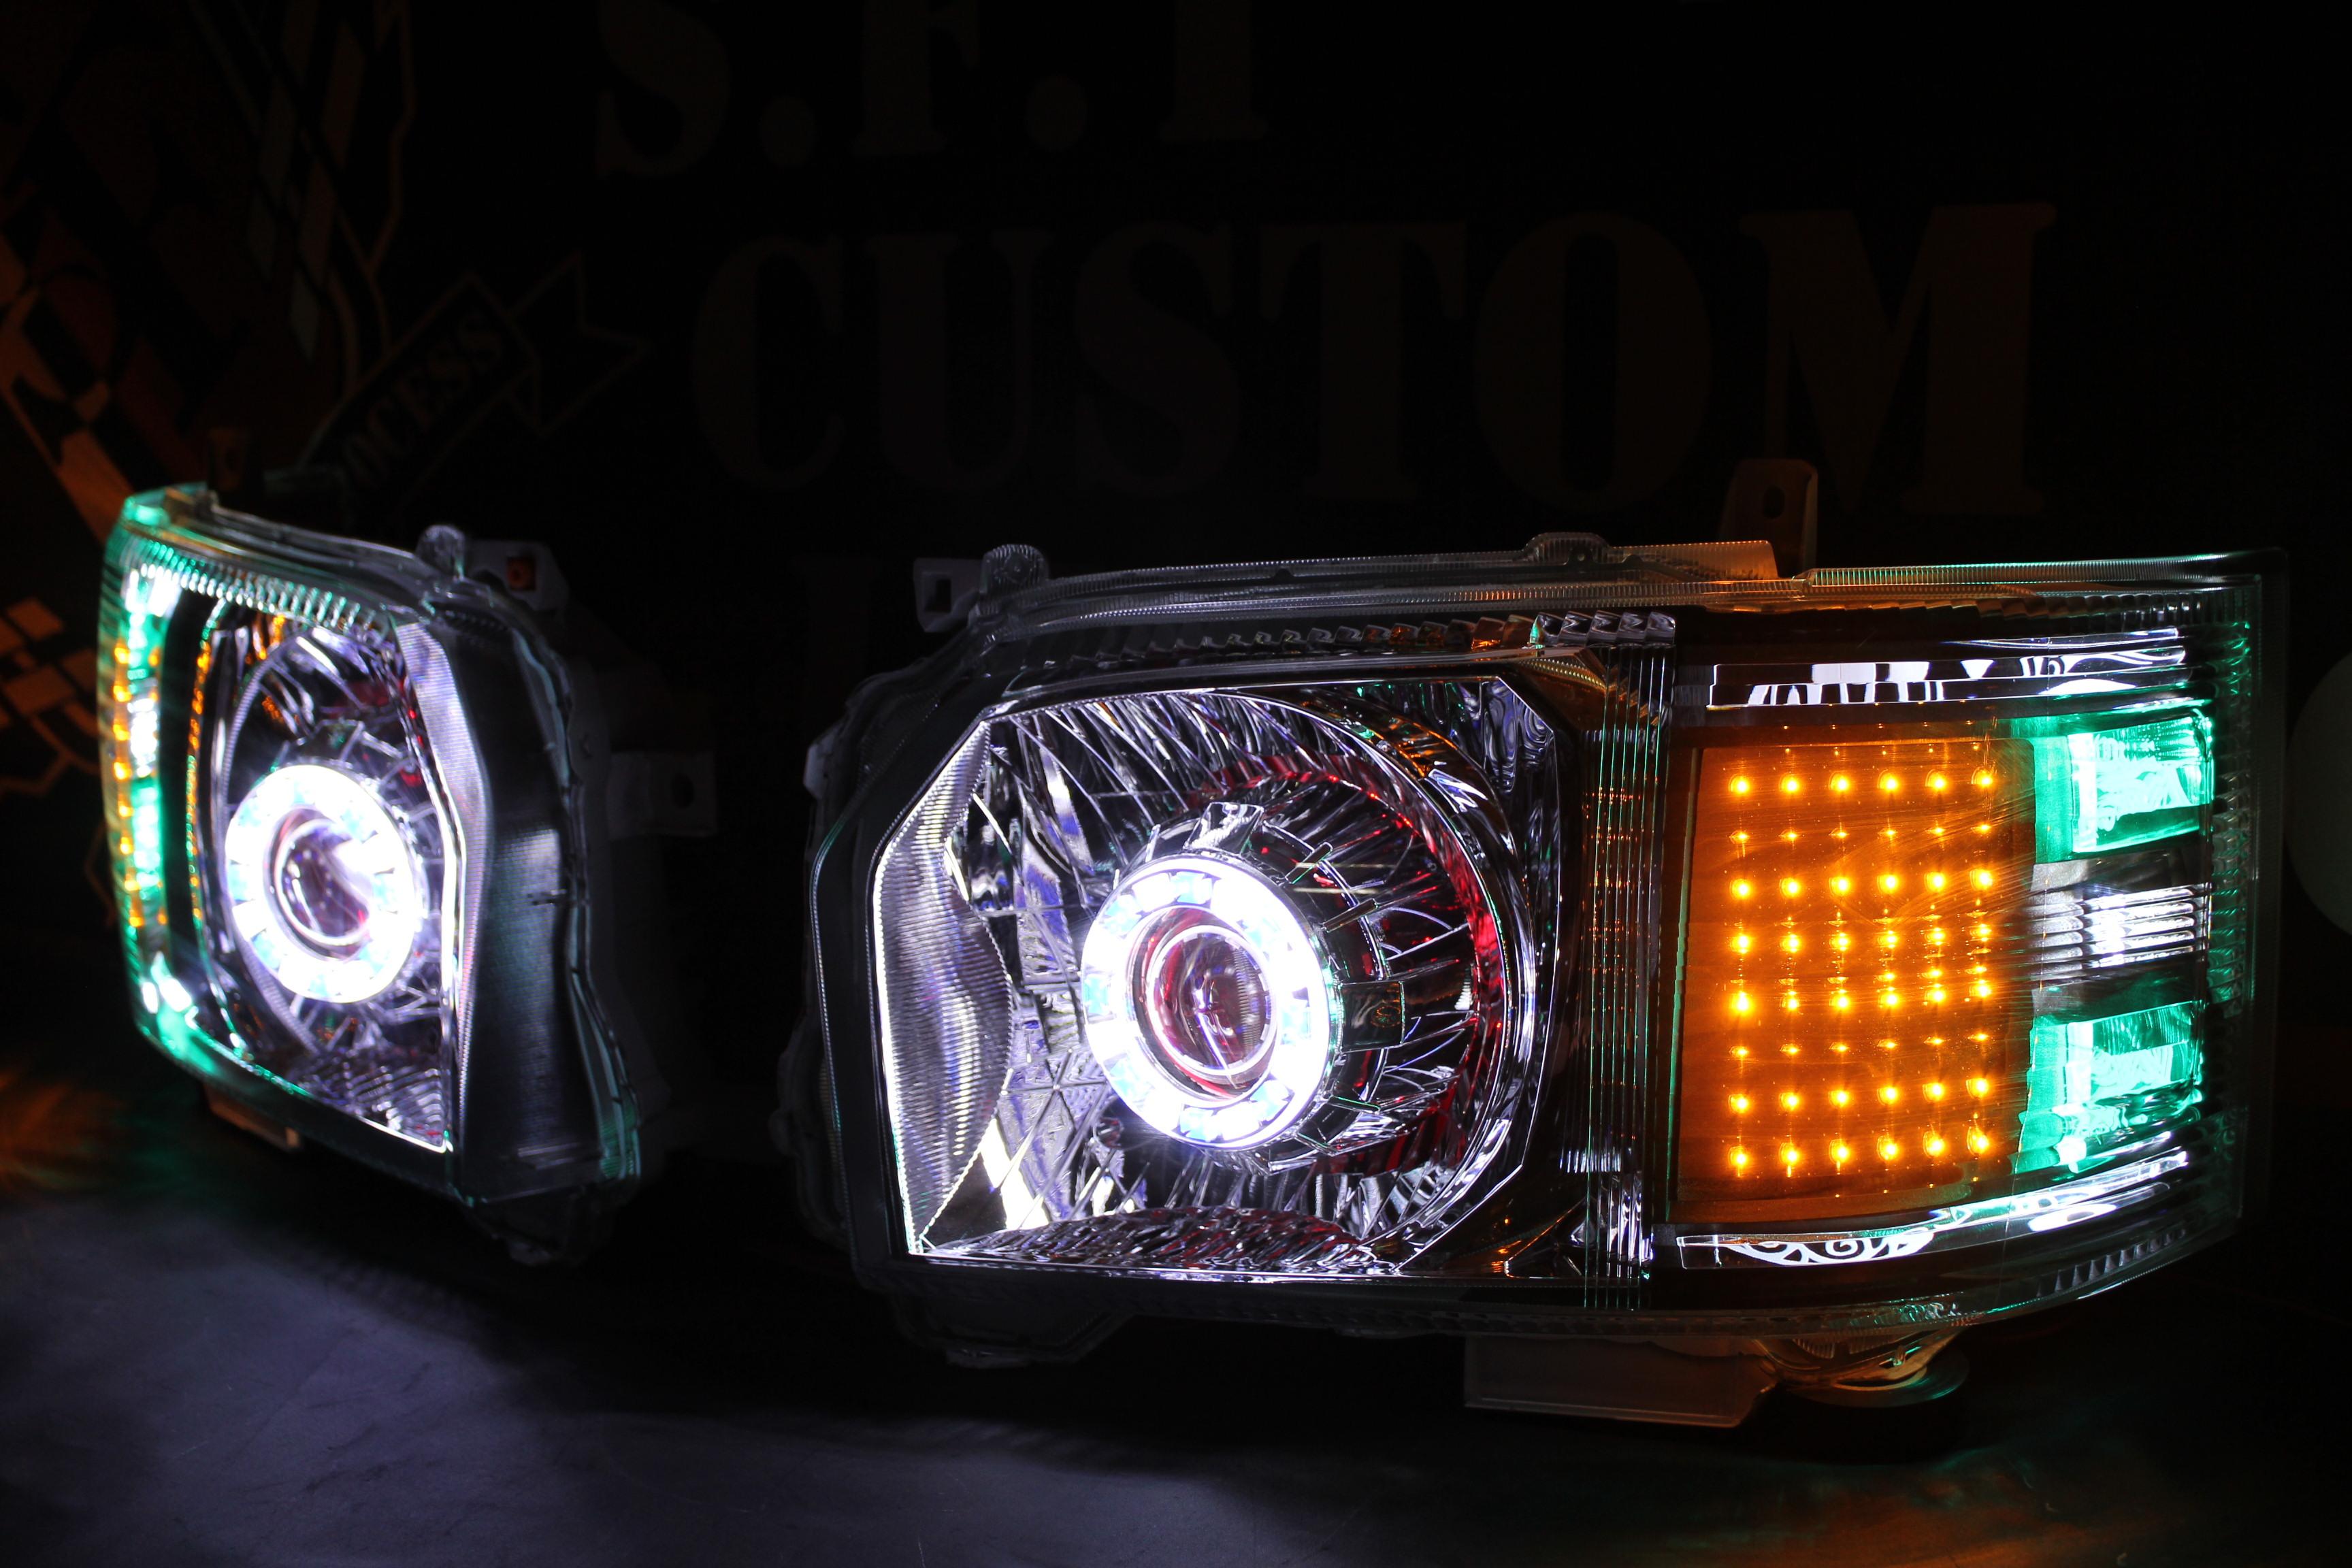 ハイエース 4型 ヘッドライト加工